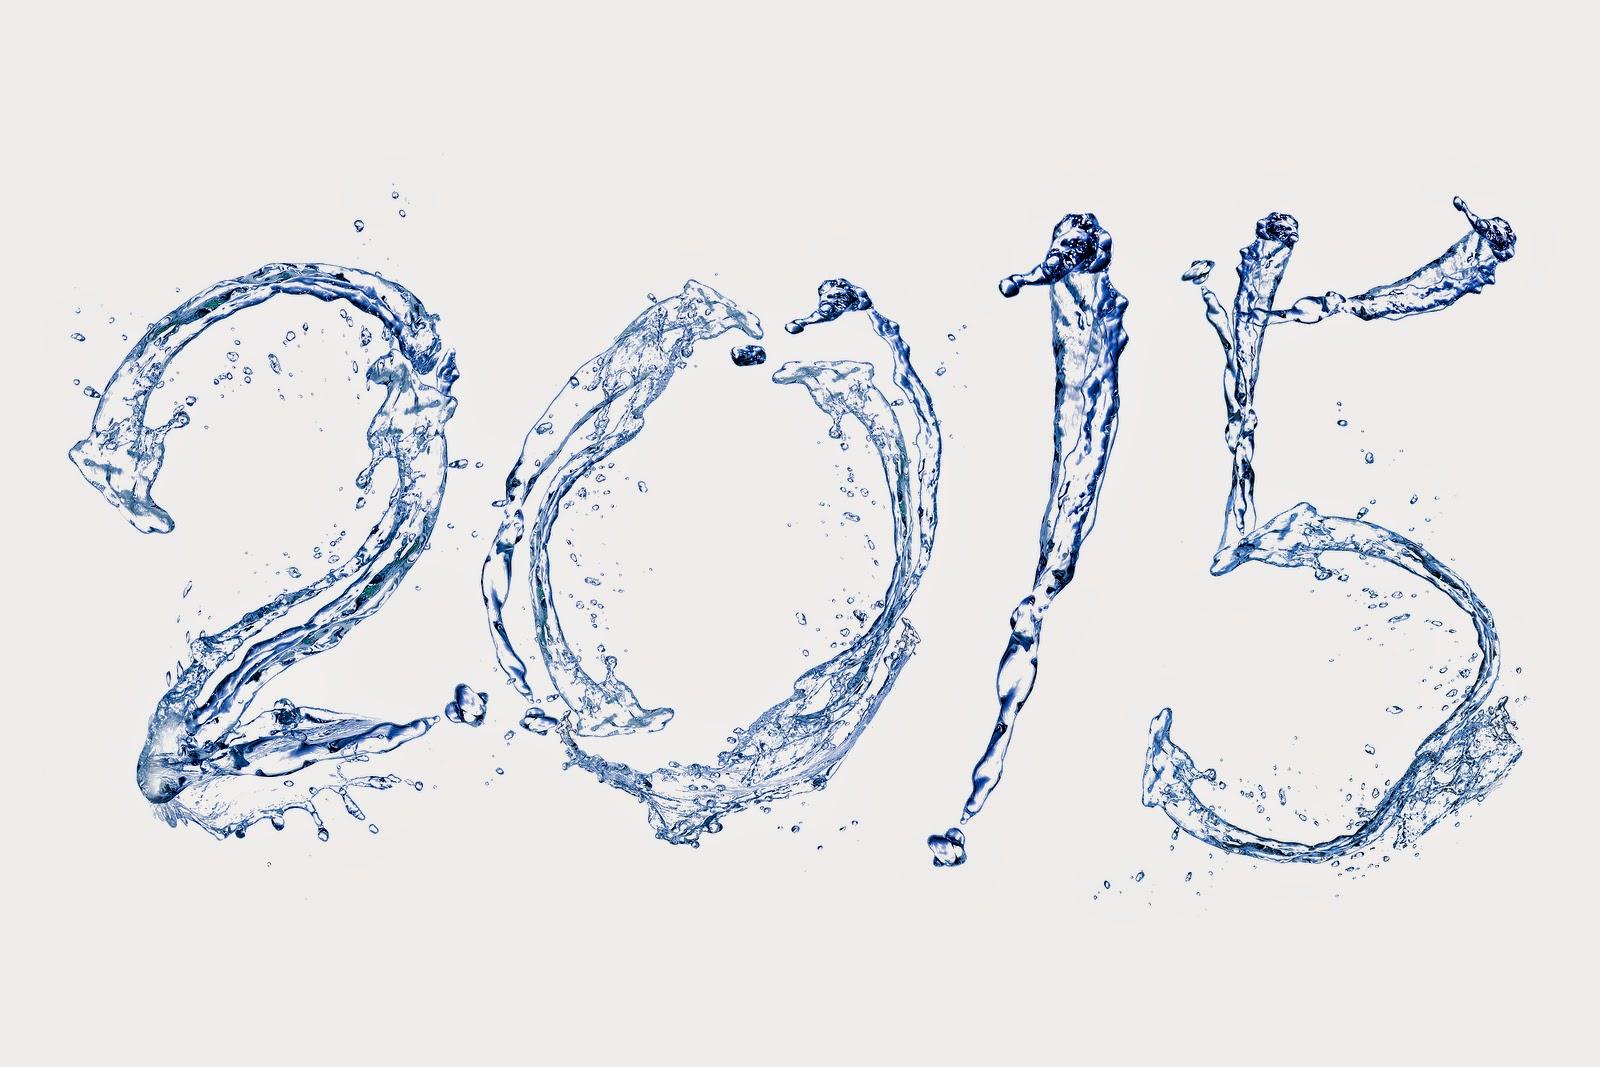 2015 hình giọt nước tạo nên